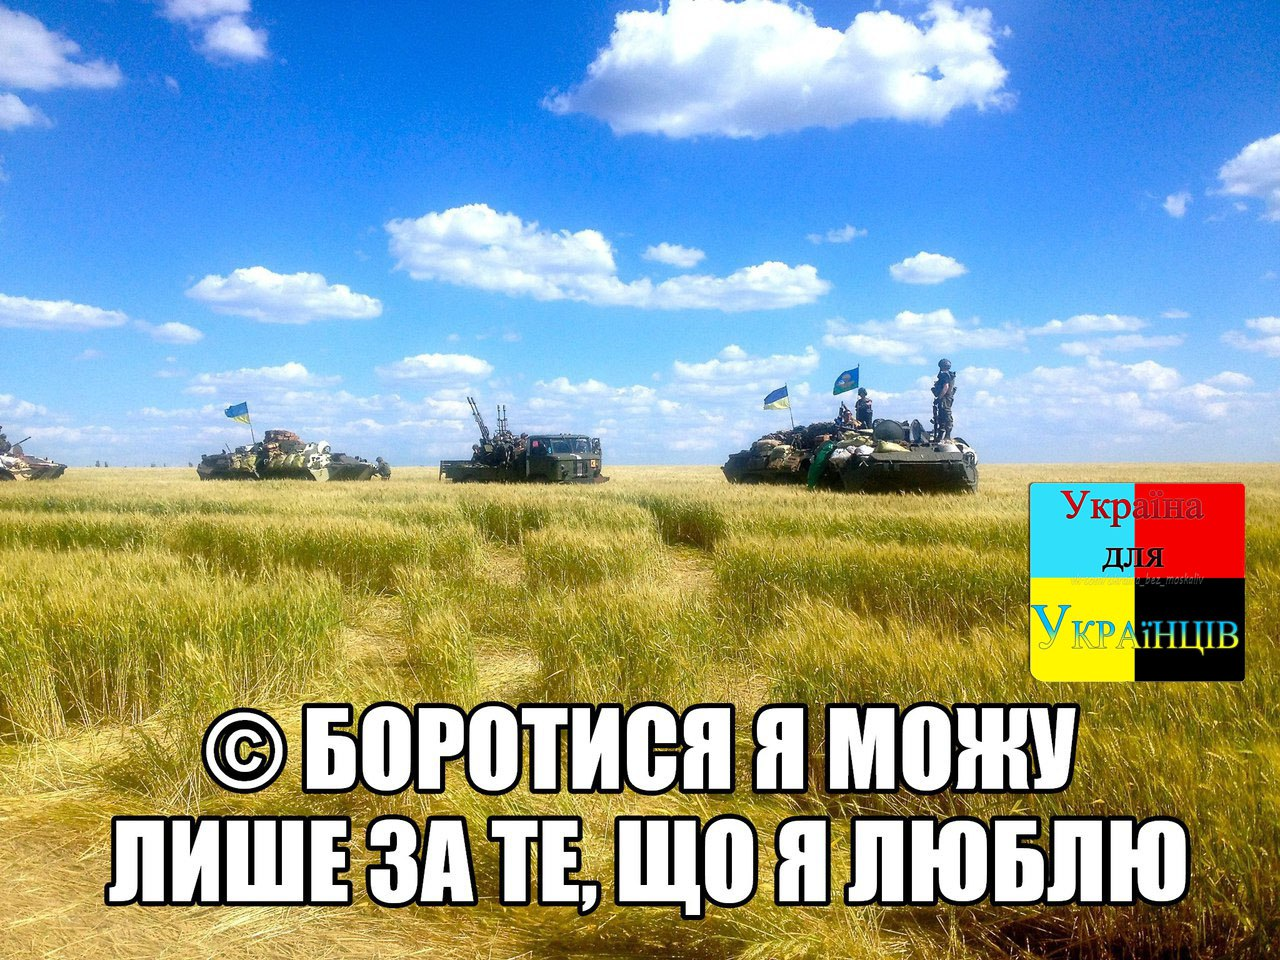 Олланд обеспокоен эскалацией конфликта на Донбассе - Цензор.НЕТ 2882